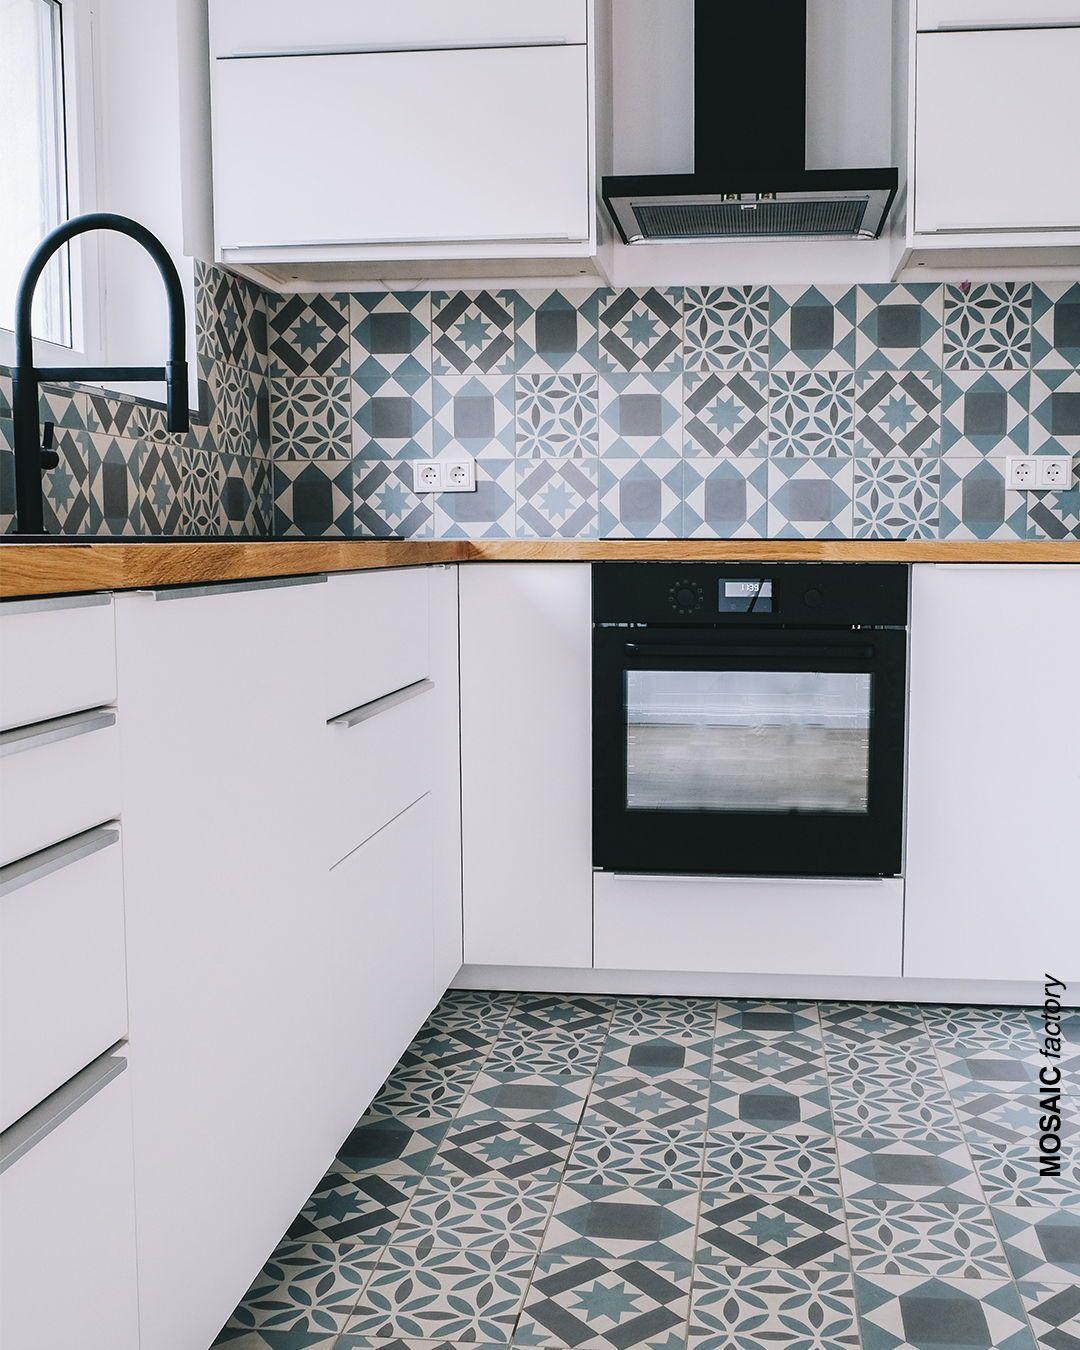 patchwork tiles on backsplash